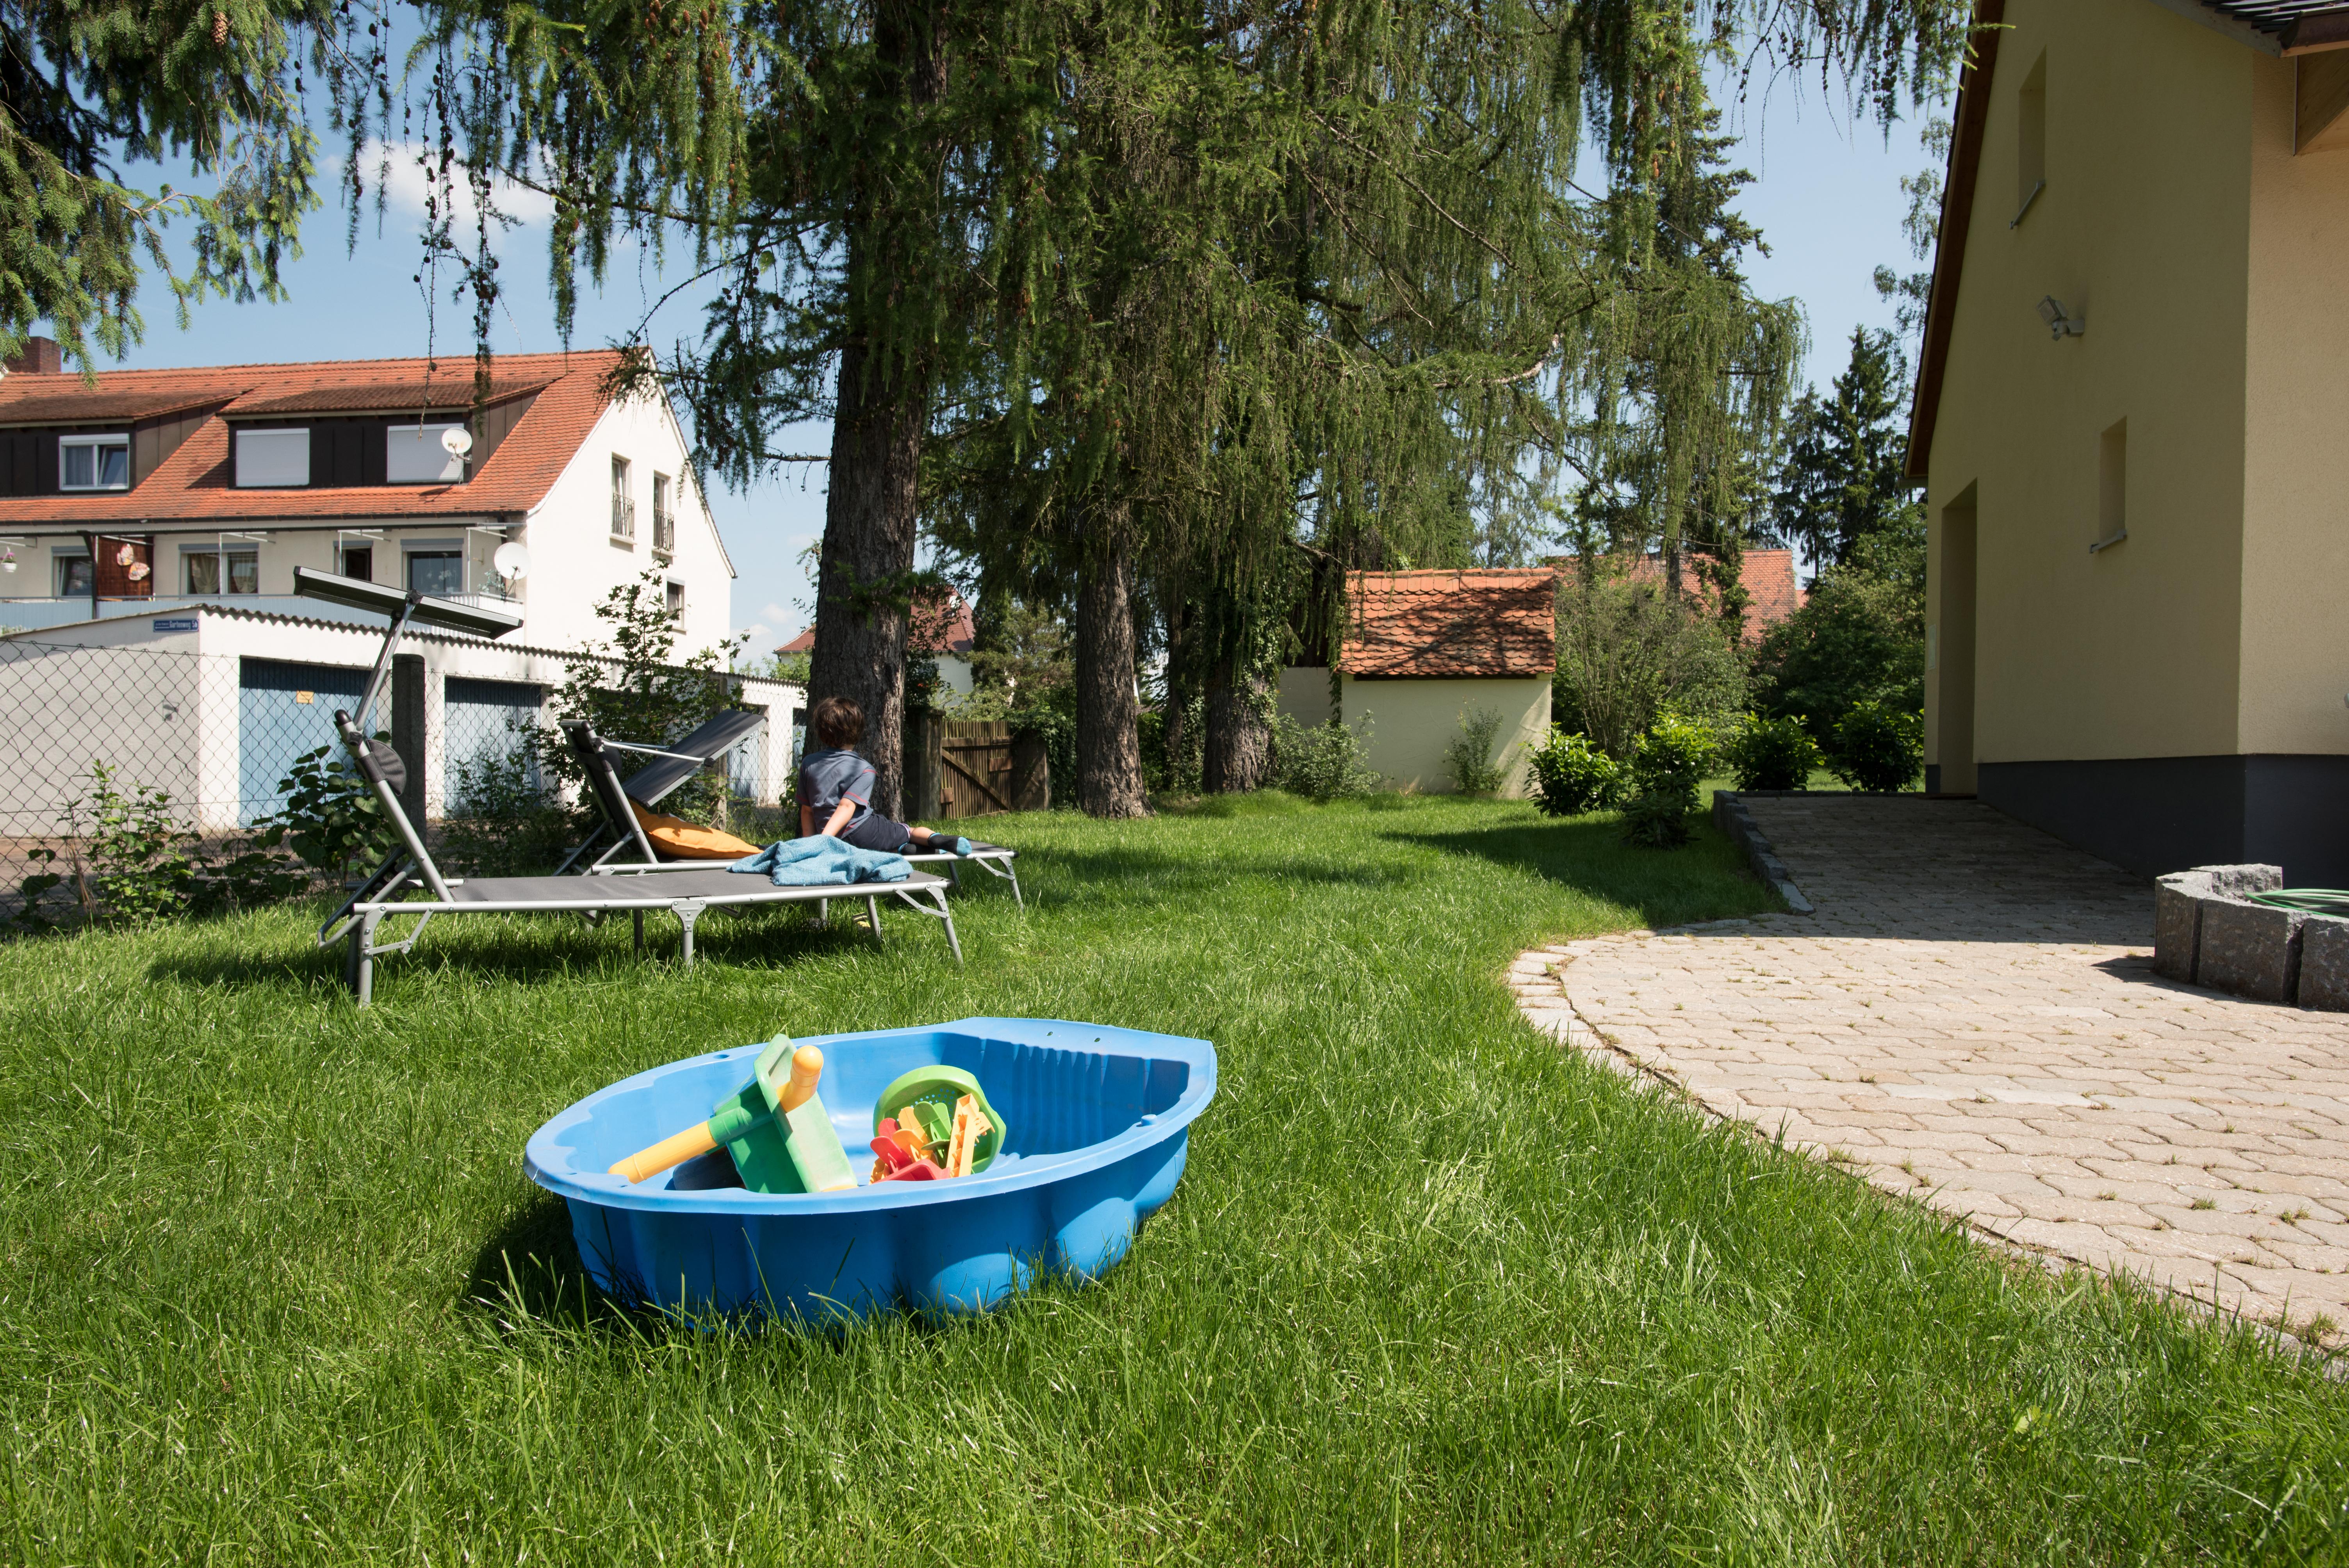 Garten Waterlounge